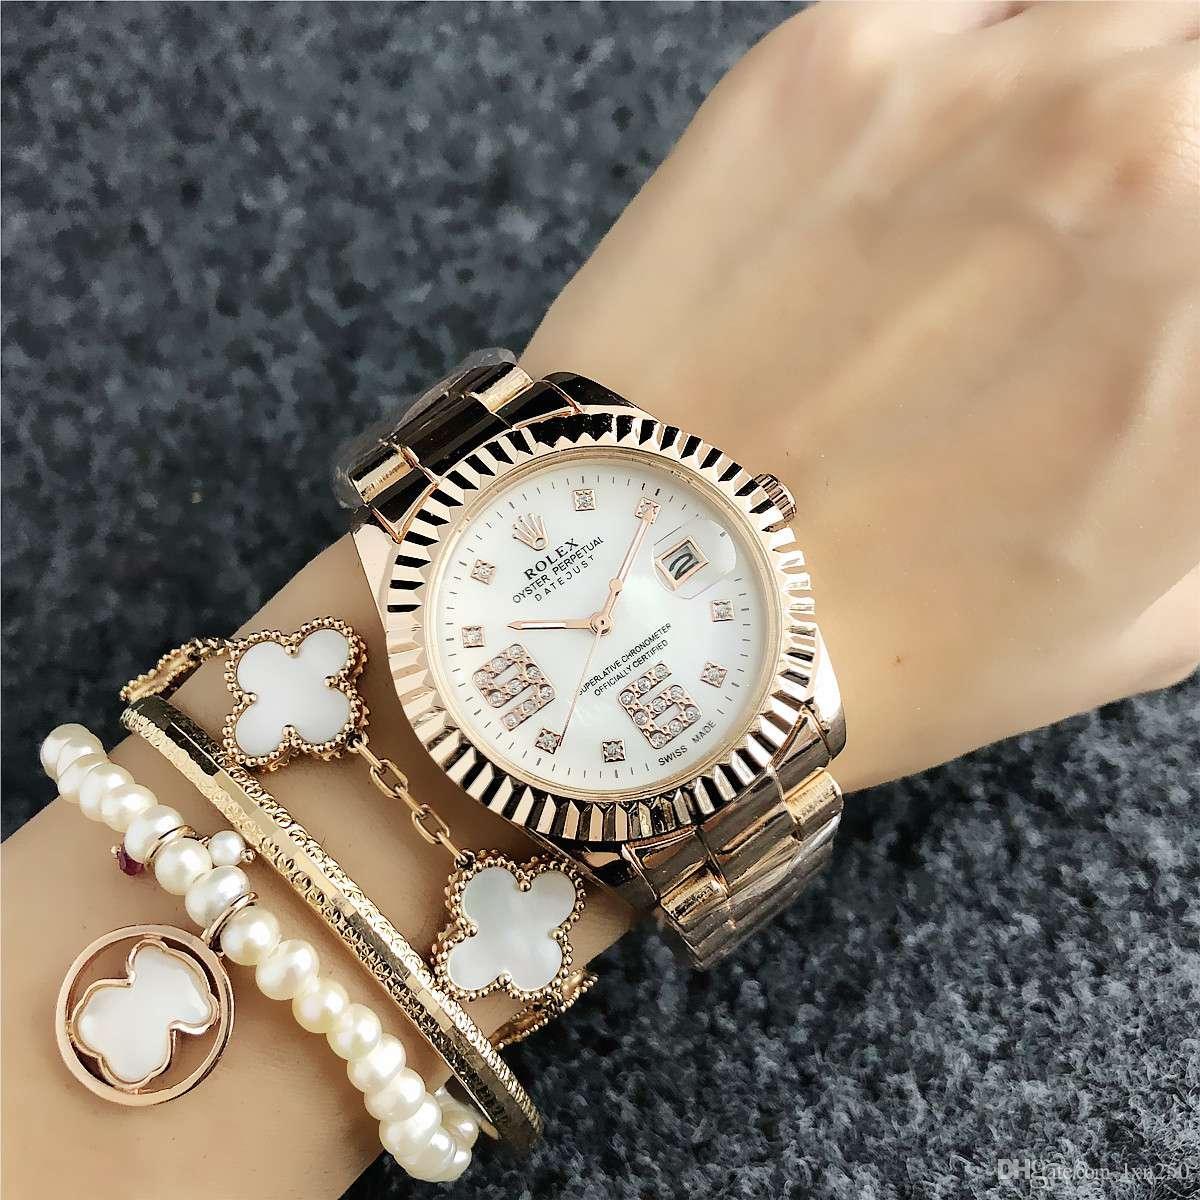 b2a266bce7a Compre Moda Marca De Relógio De Prata Pulseira De Cristal Senhoras Assistem  Vestido De Ouro Rosa De Aço Inoxidável Com Calendário Relógio Relogio  Feminino ...